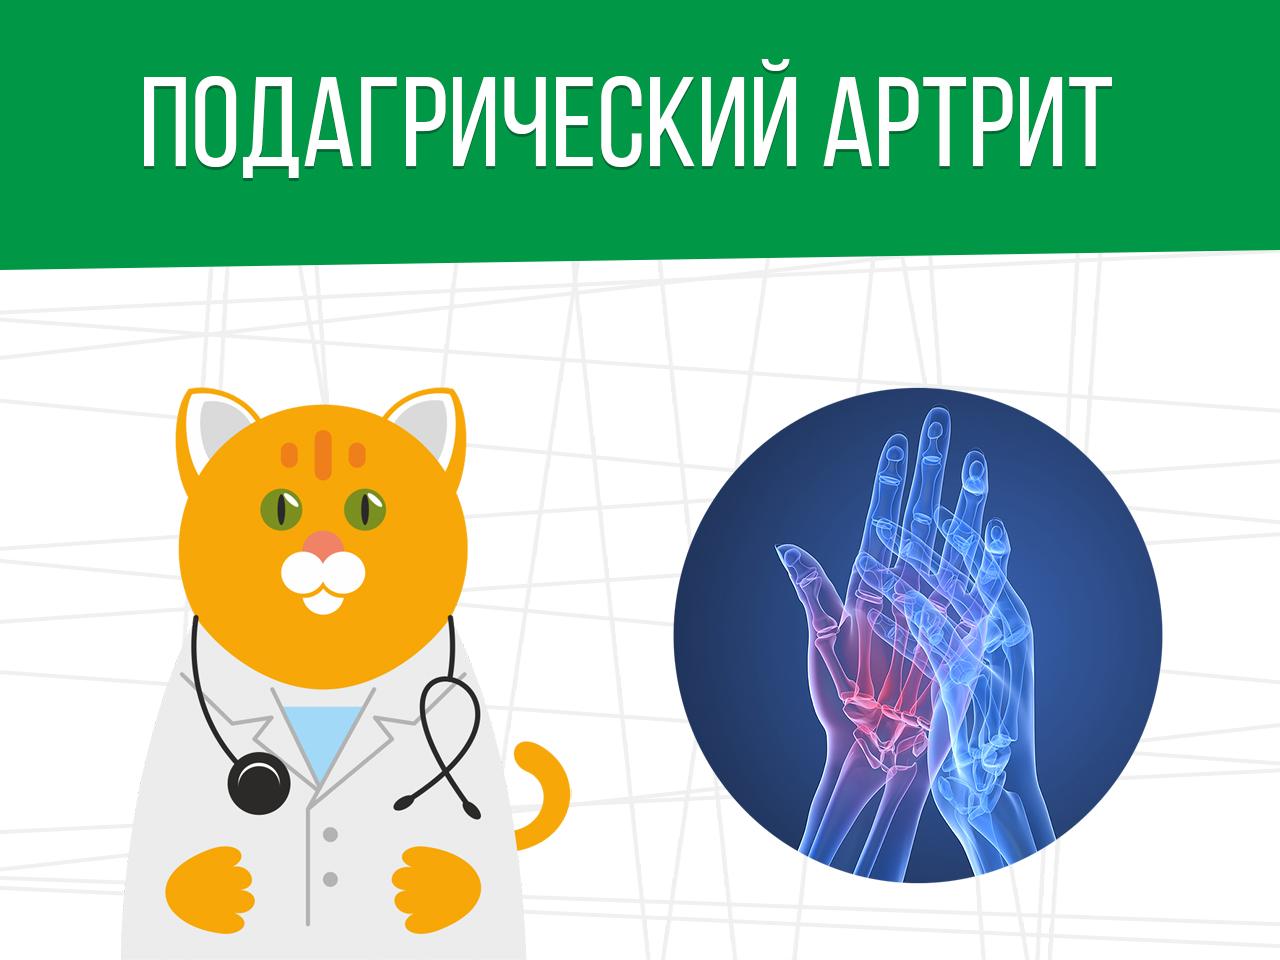 Подагрический артрит: годен ли в армию?